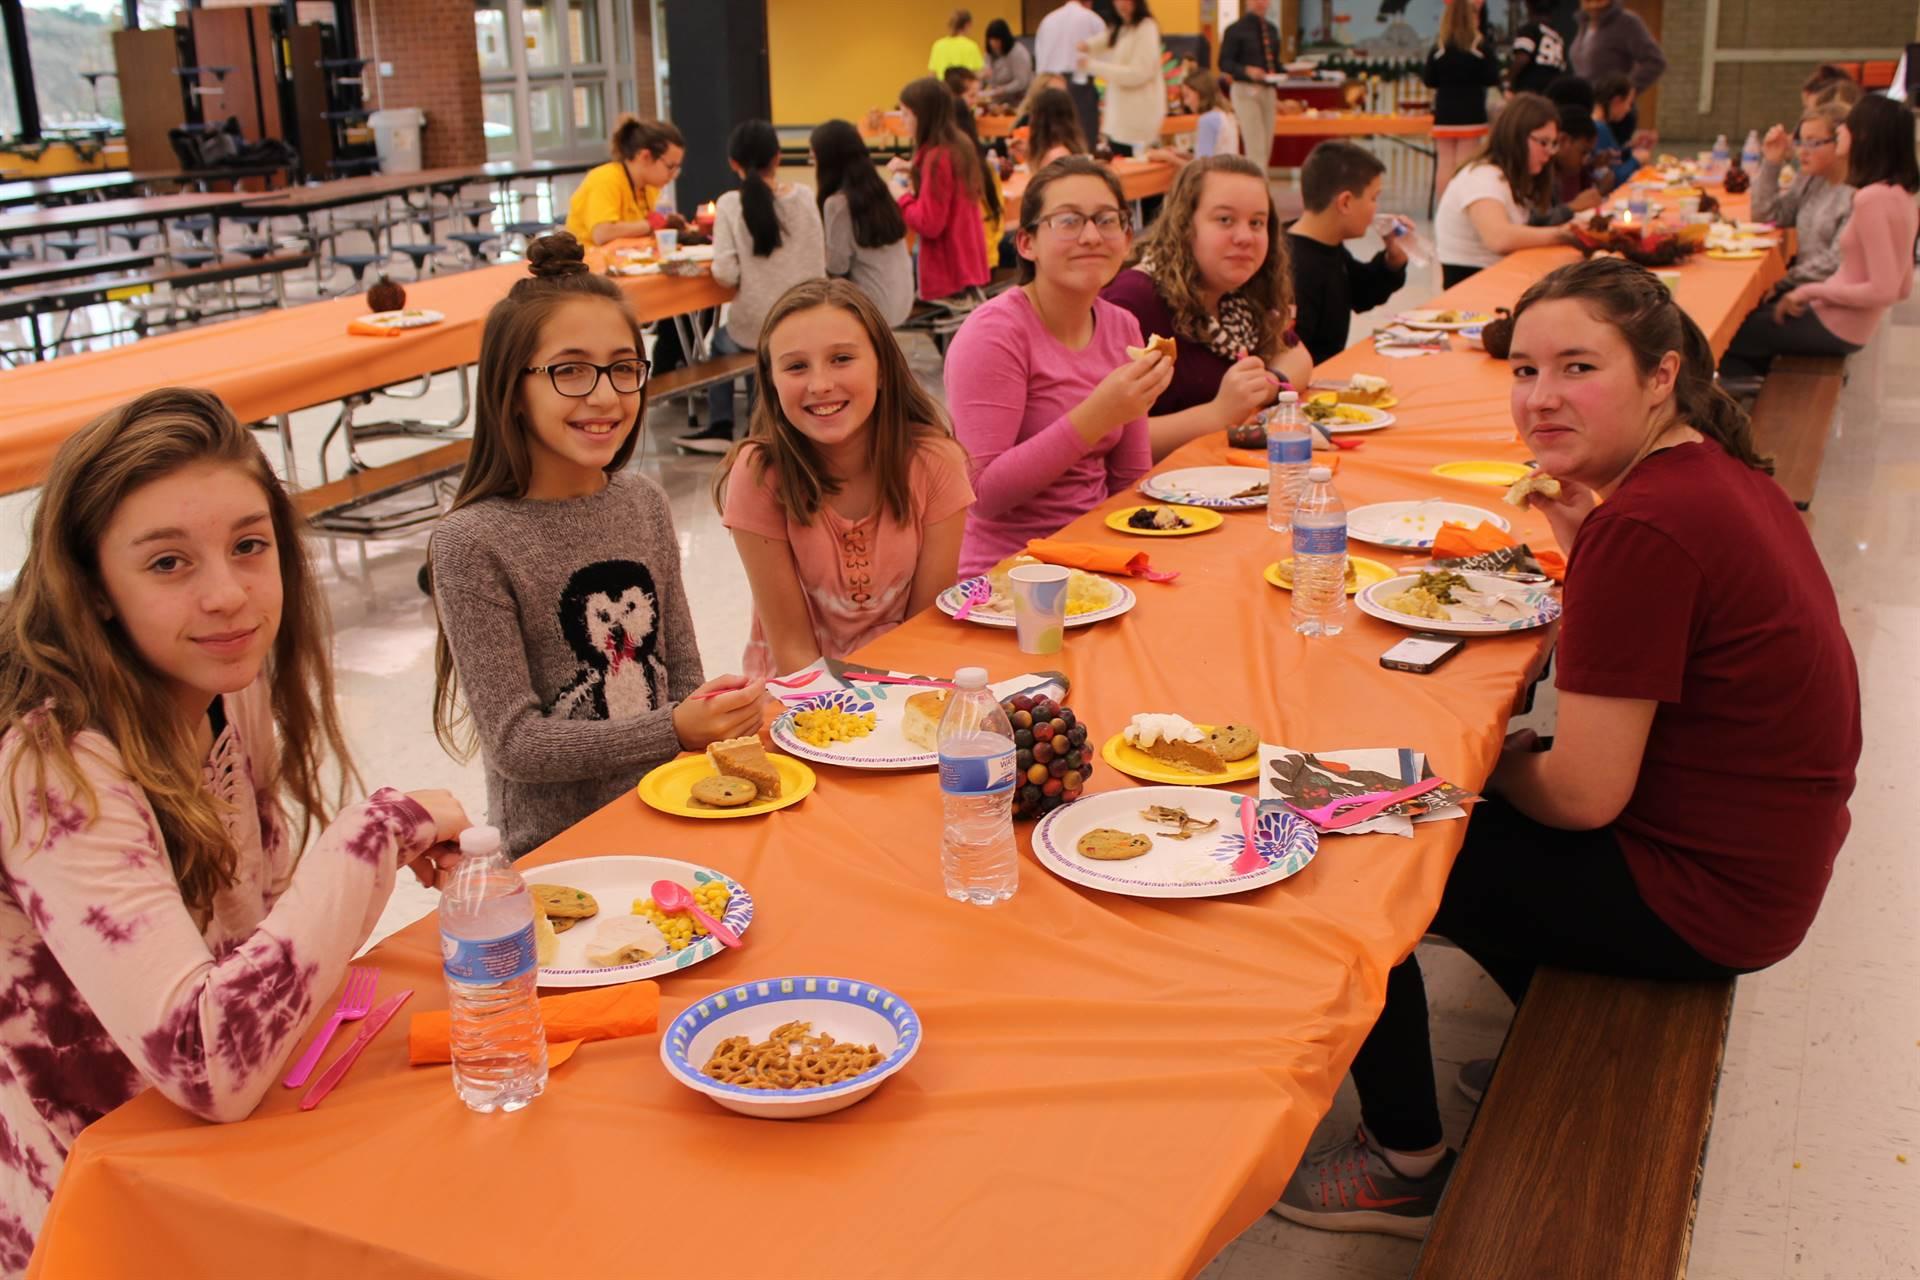 Students enjoy the feast